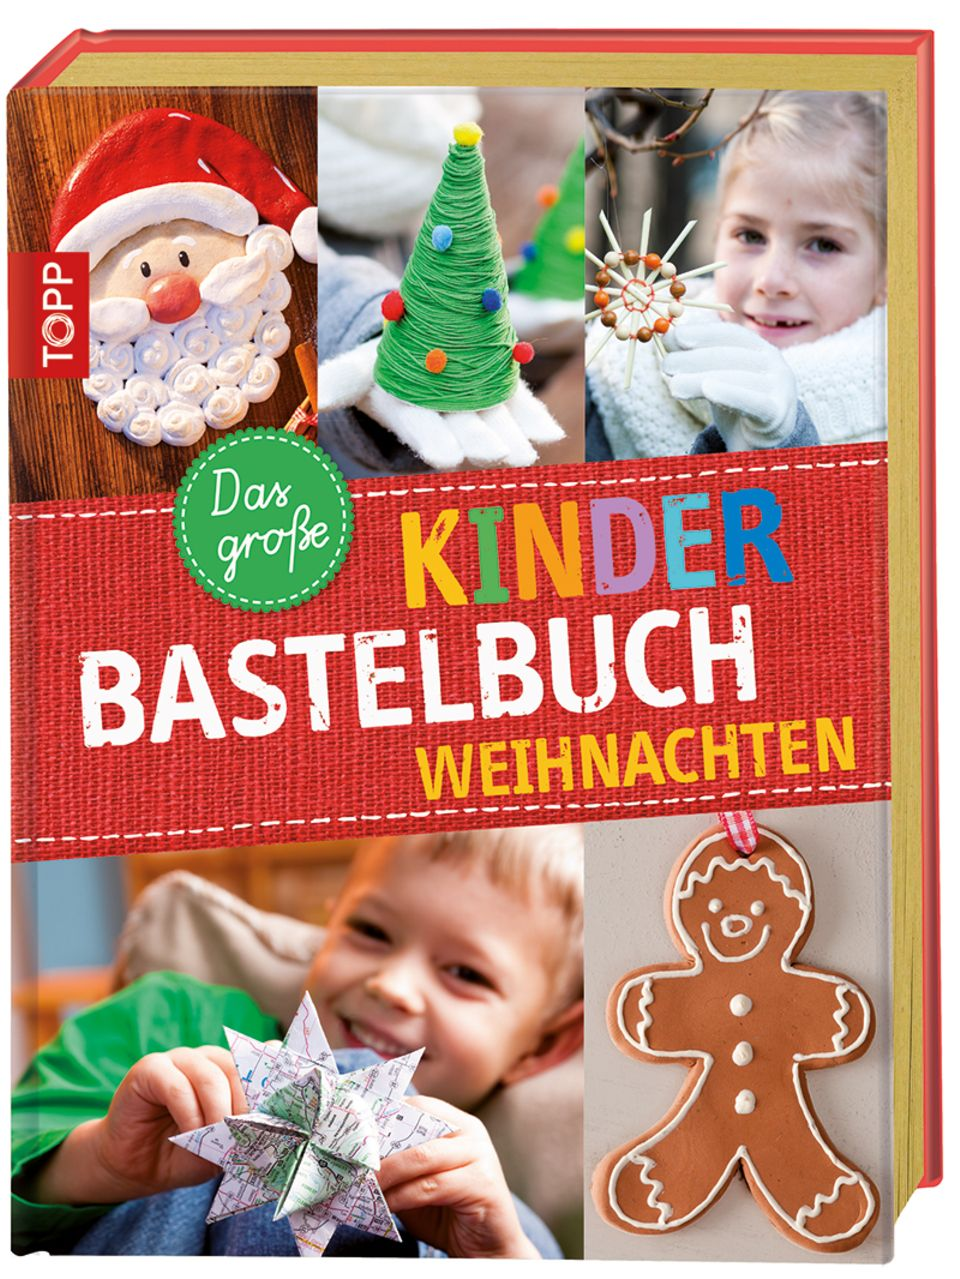 Das Kinder Bastelbuch - Weihnachten